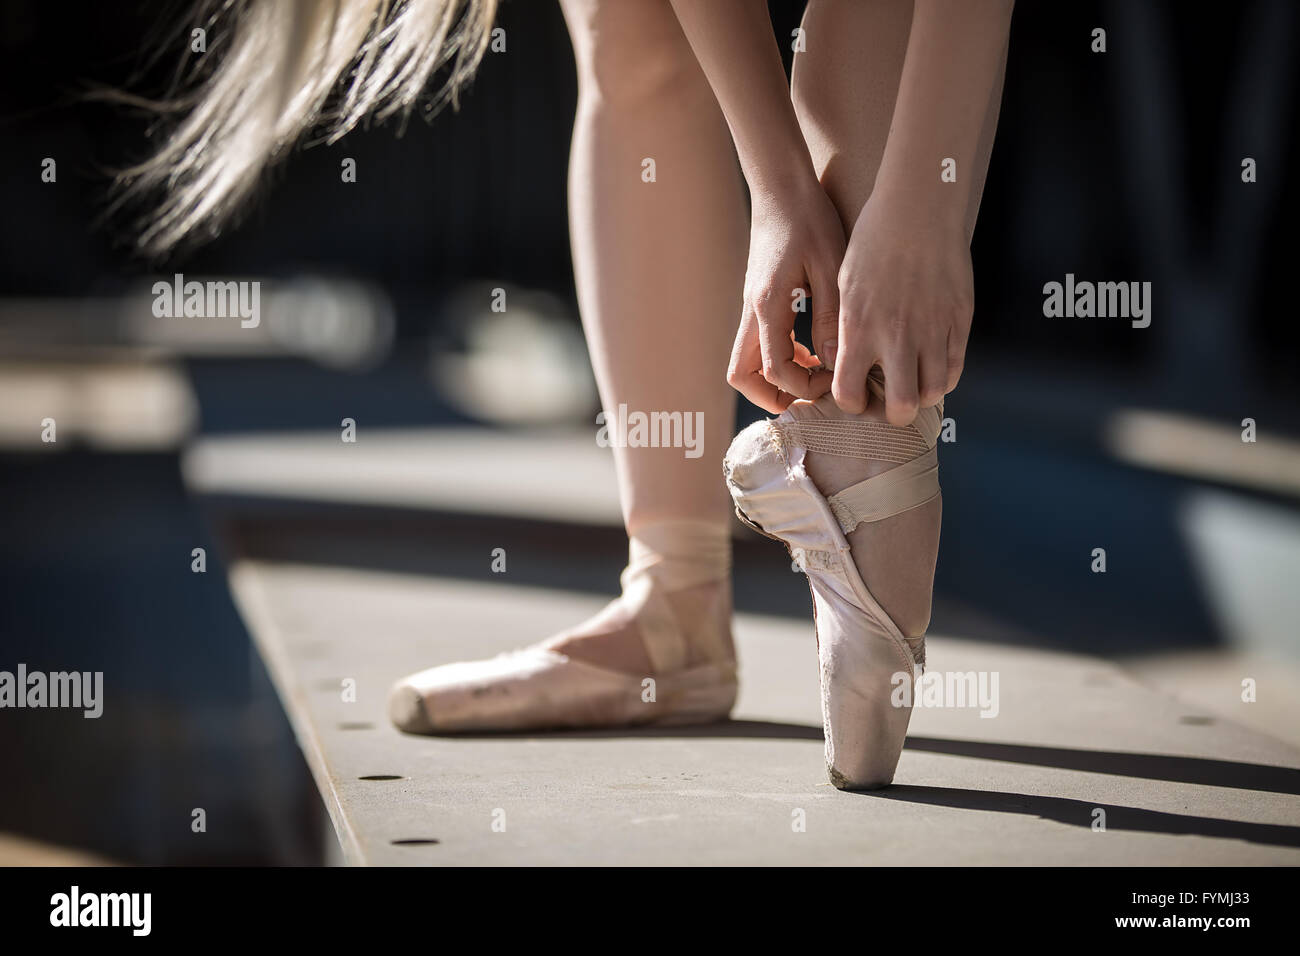 Bailarín atando pointe zapatos Imagen De Stock